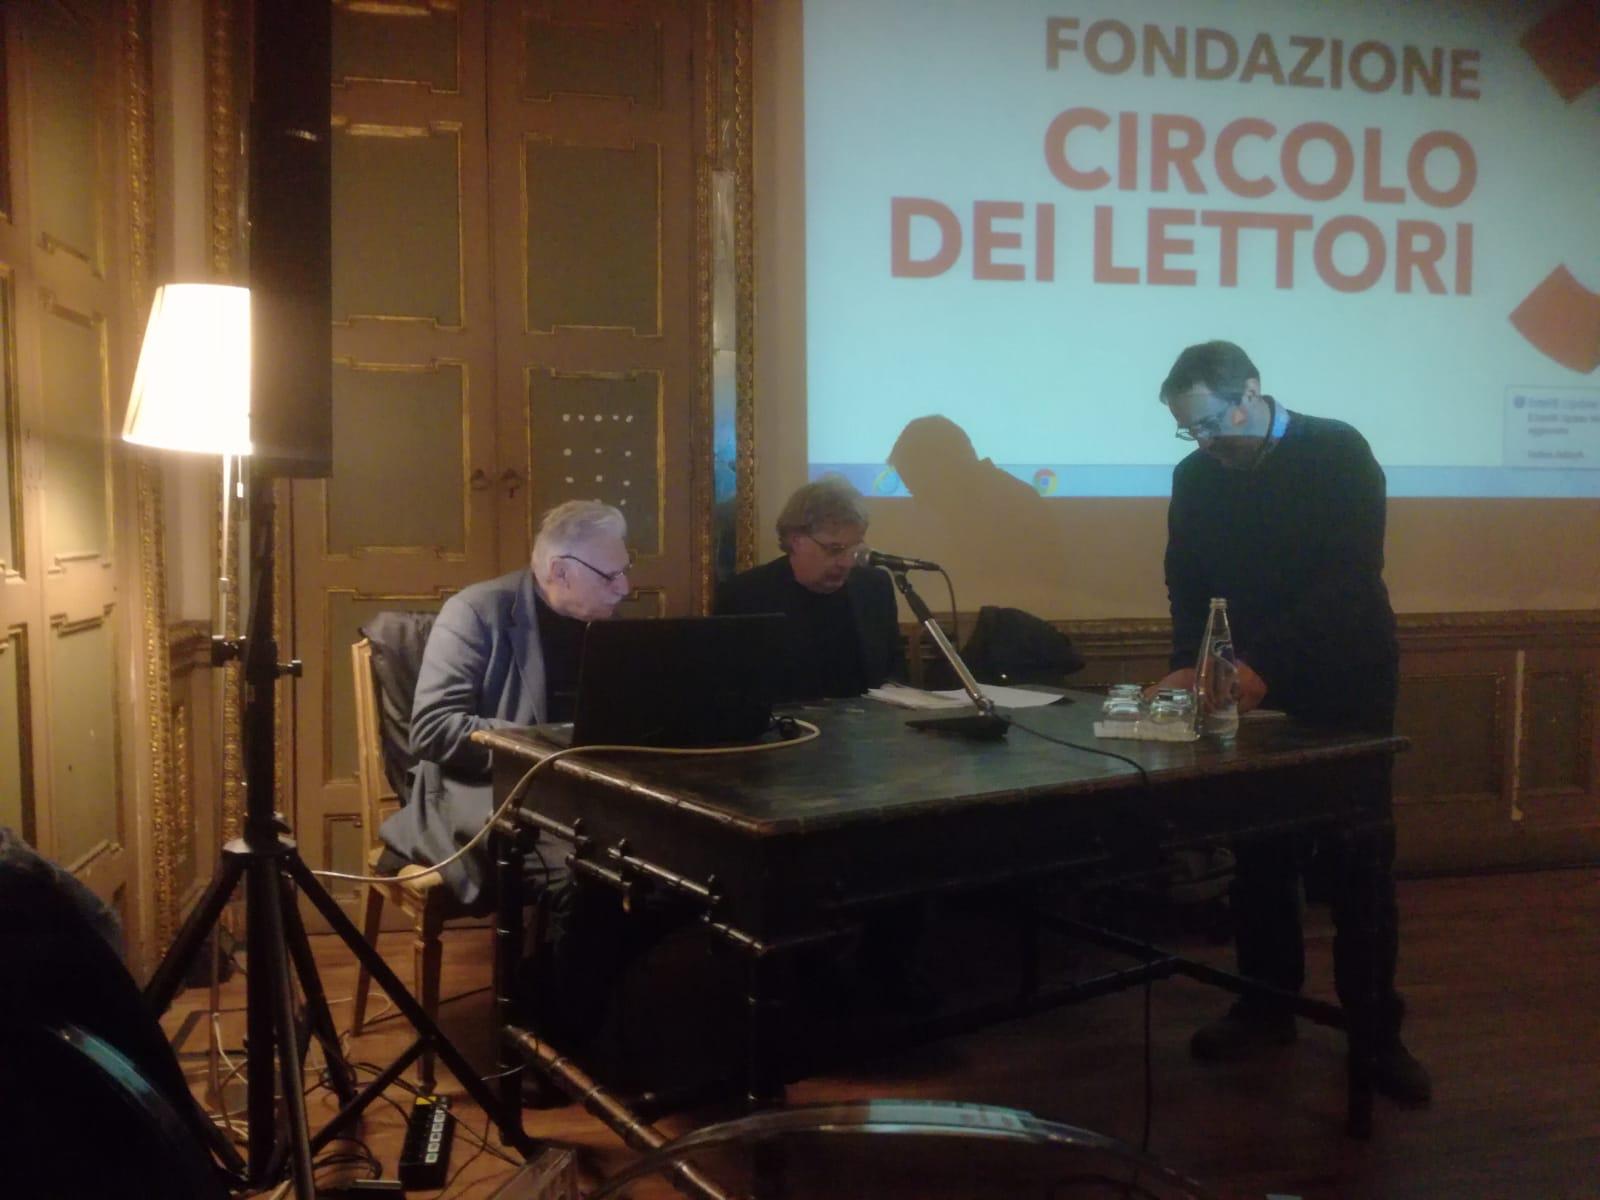 Un'immagine della presentazione a Torino con Marco Revelli